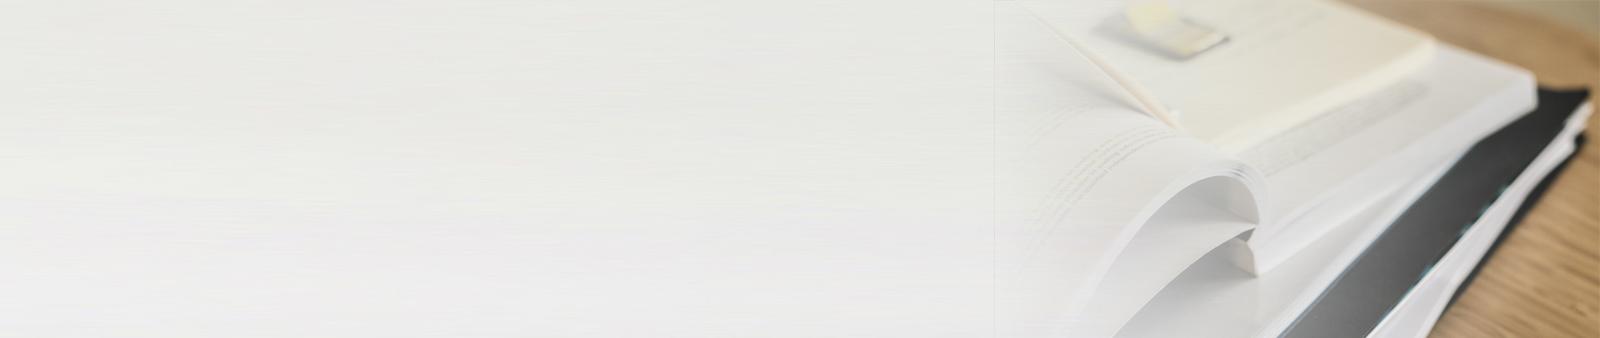 Psicología Legal y Forense. Psicólogos especializados en Trámites Administrativos en licencias de armas, de conducción y de maquinaria pesada entre otras en Centro Amaype en Alcorcón (Madrid)